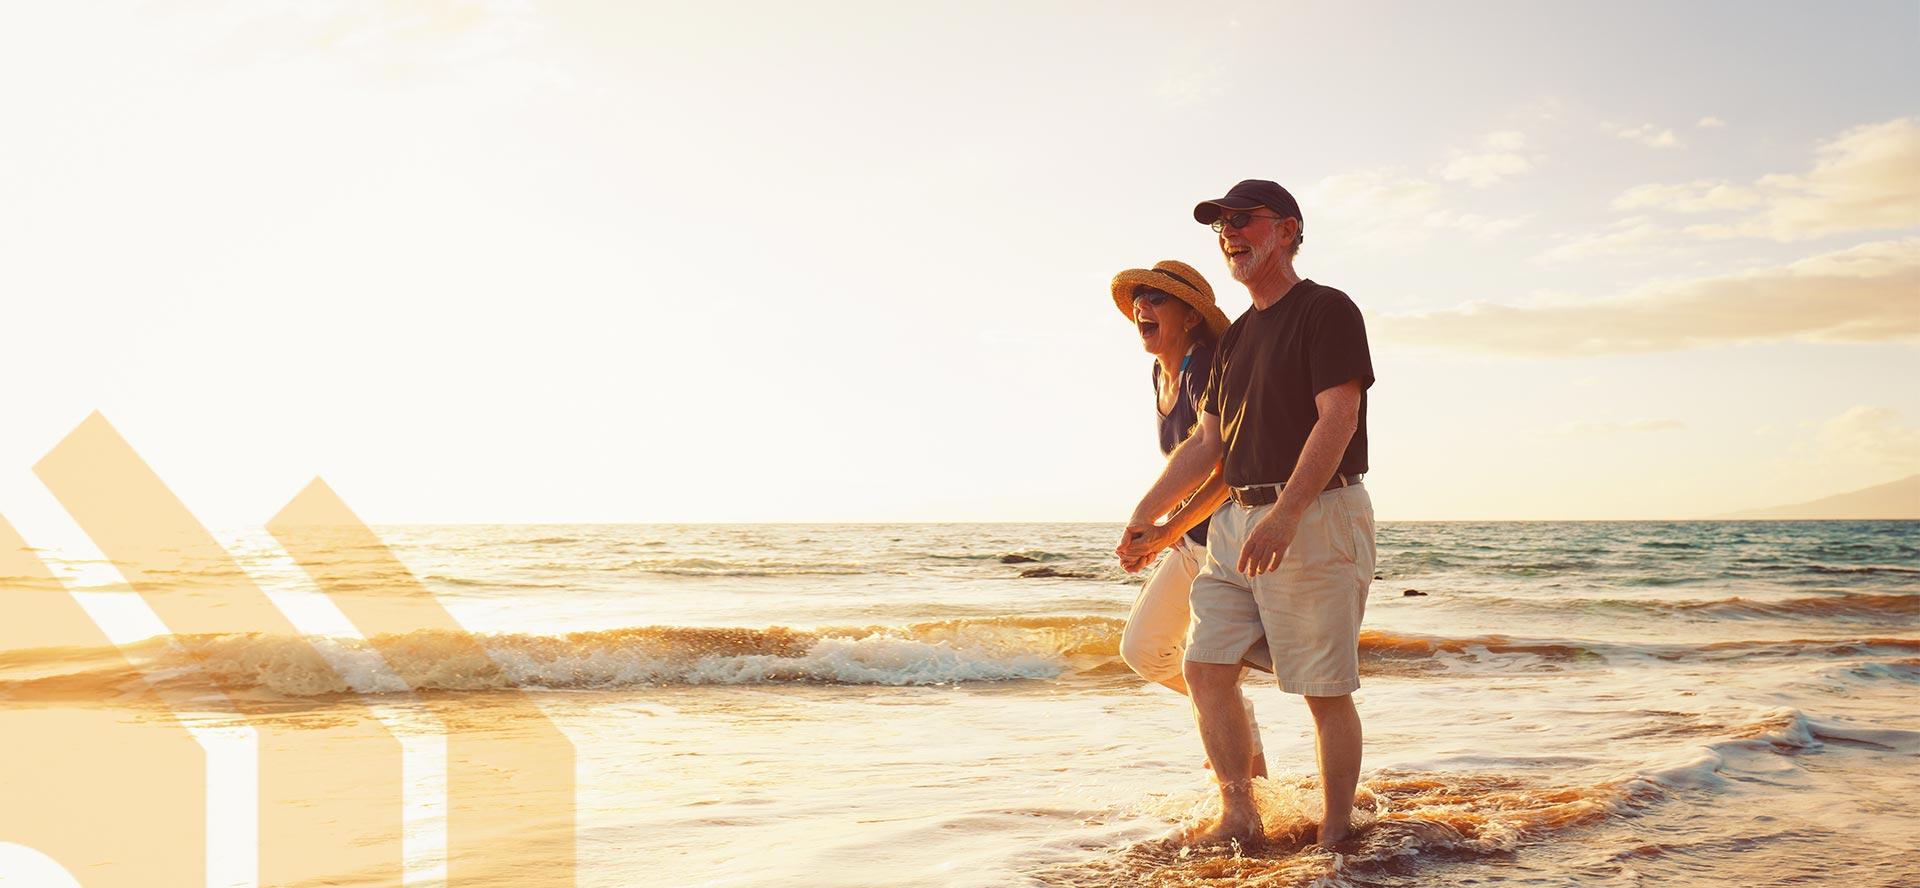 ¡Disfruta de la vida! <br> No pague más hipoteca mientras viva.